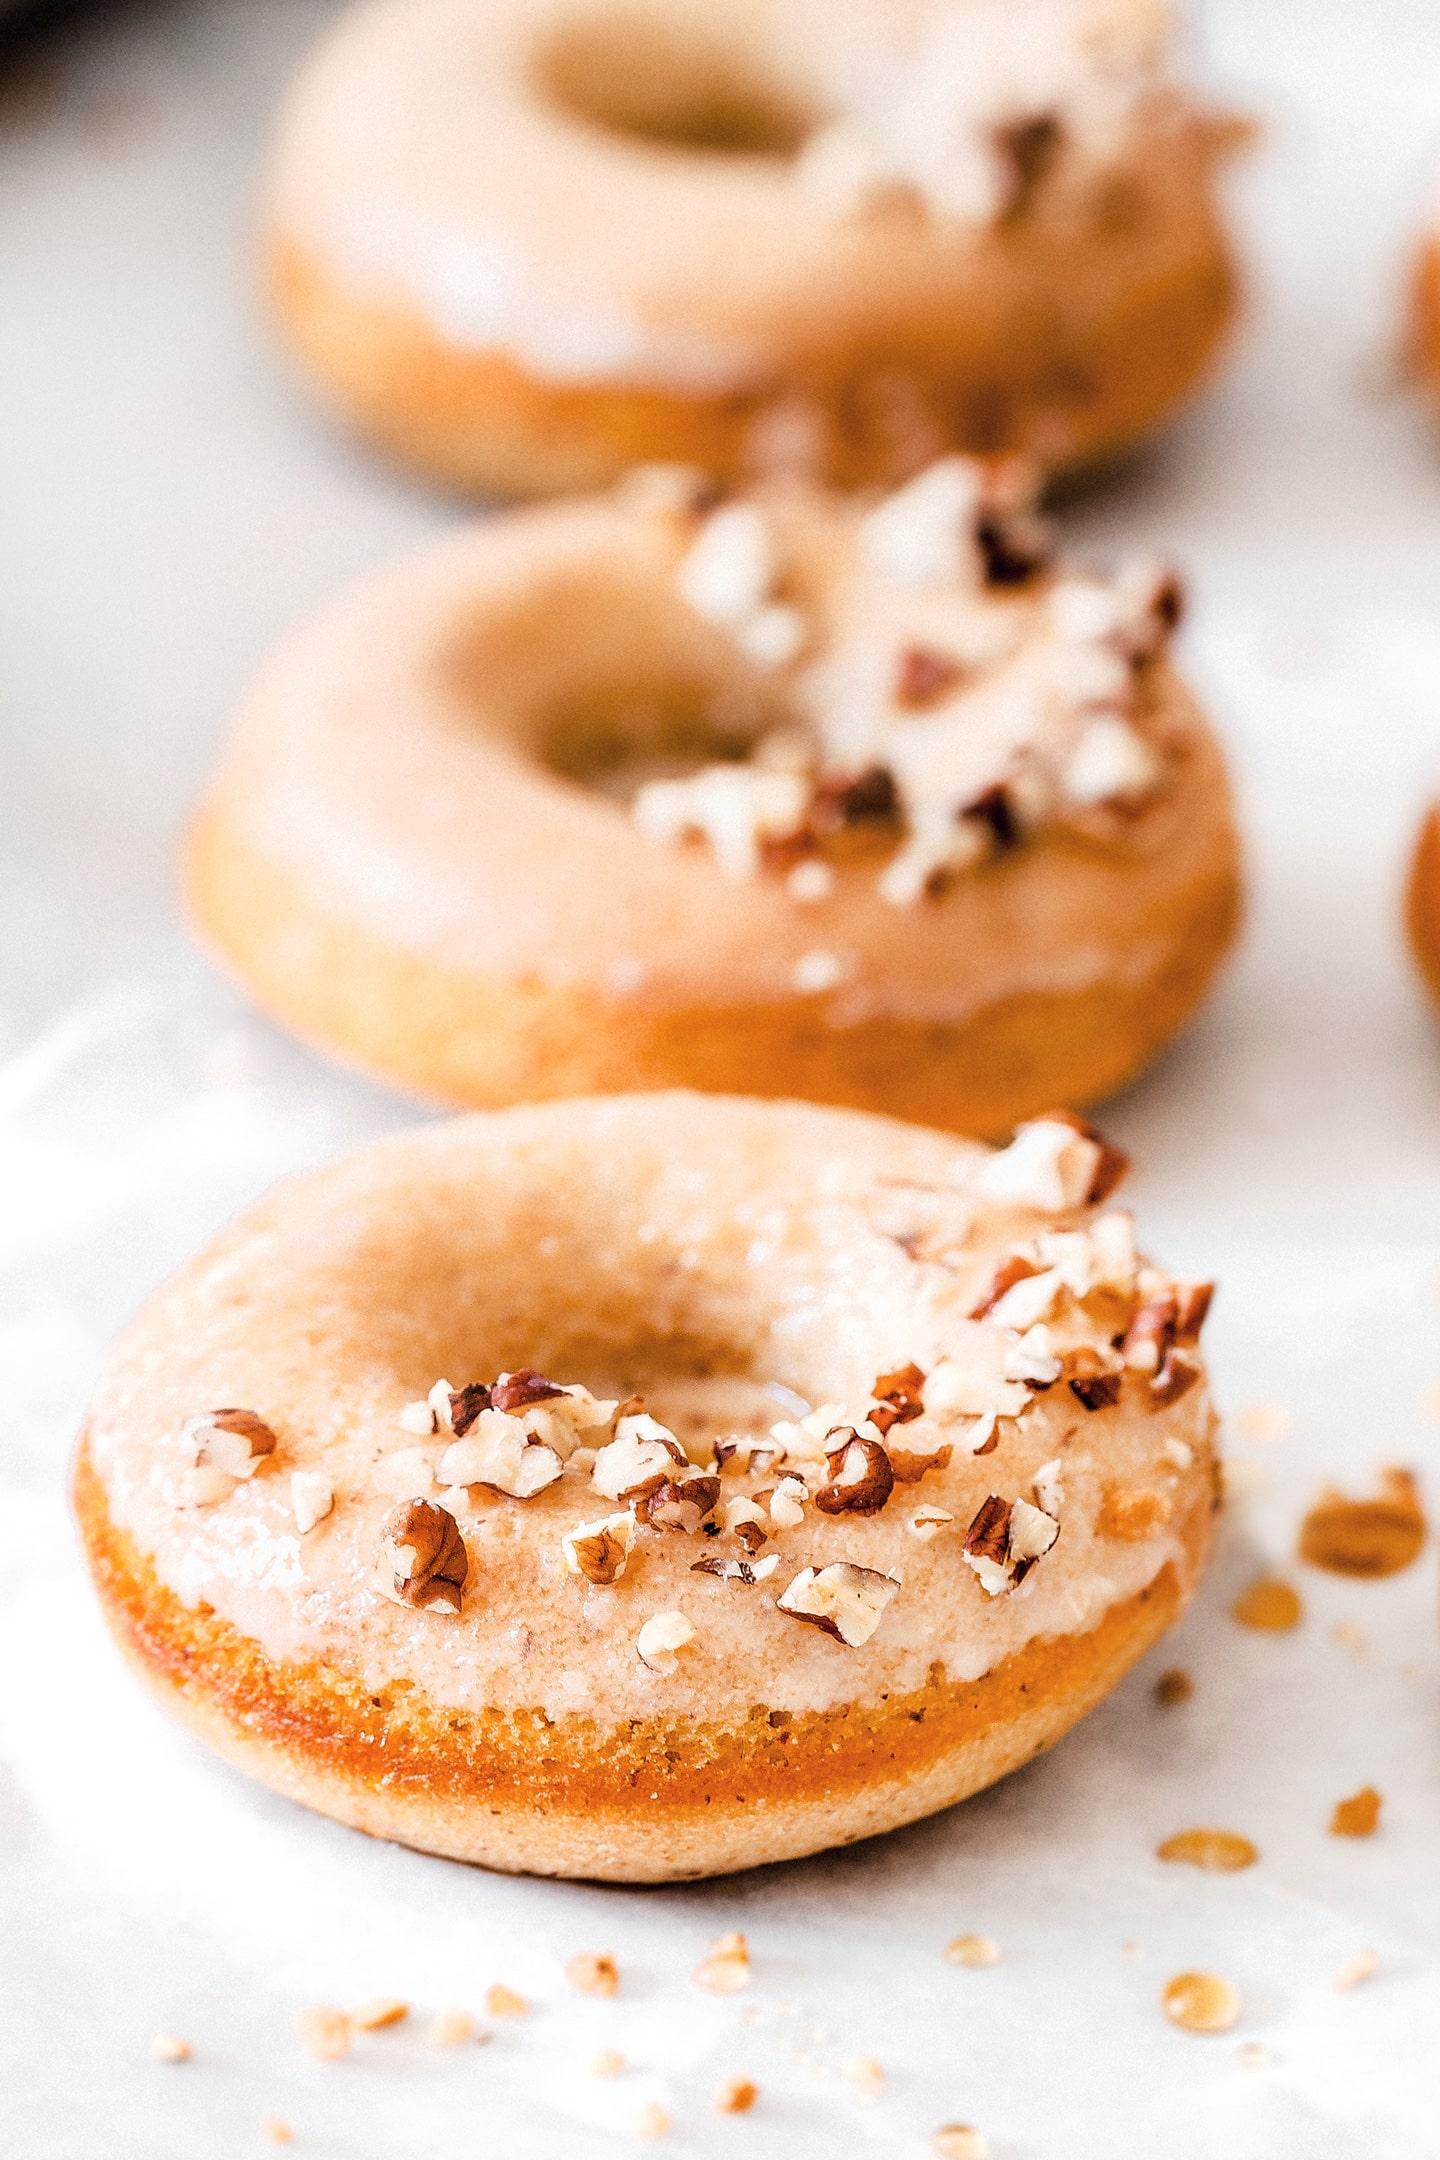 Recette facile des donuts au four